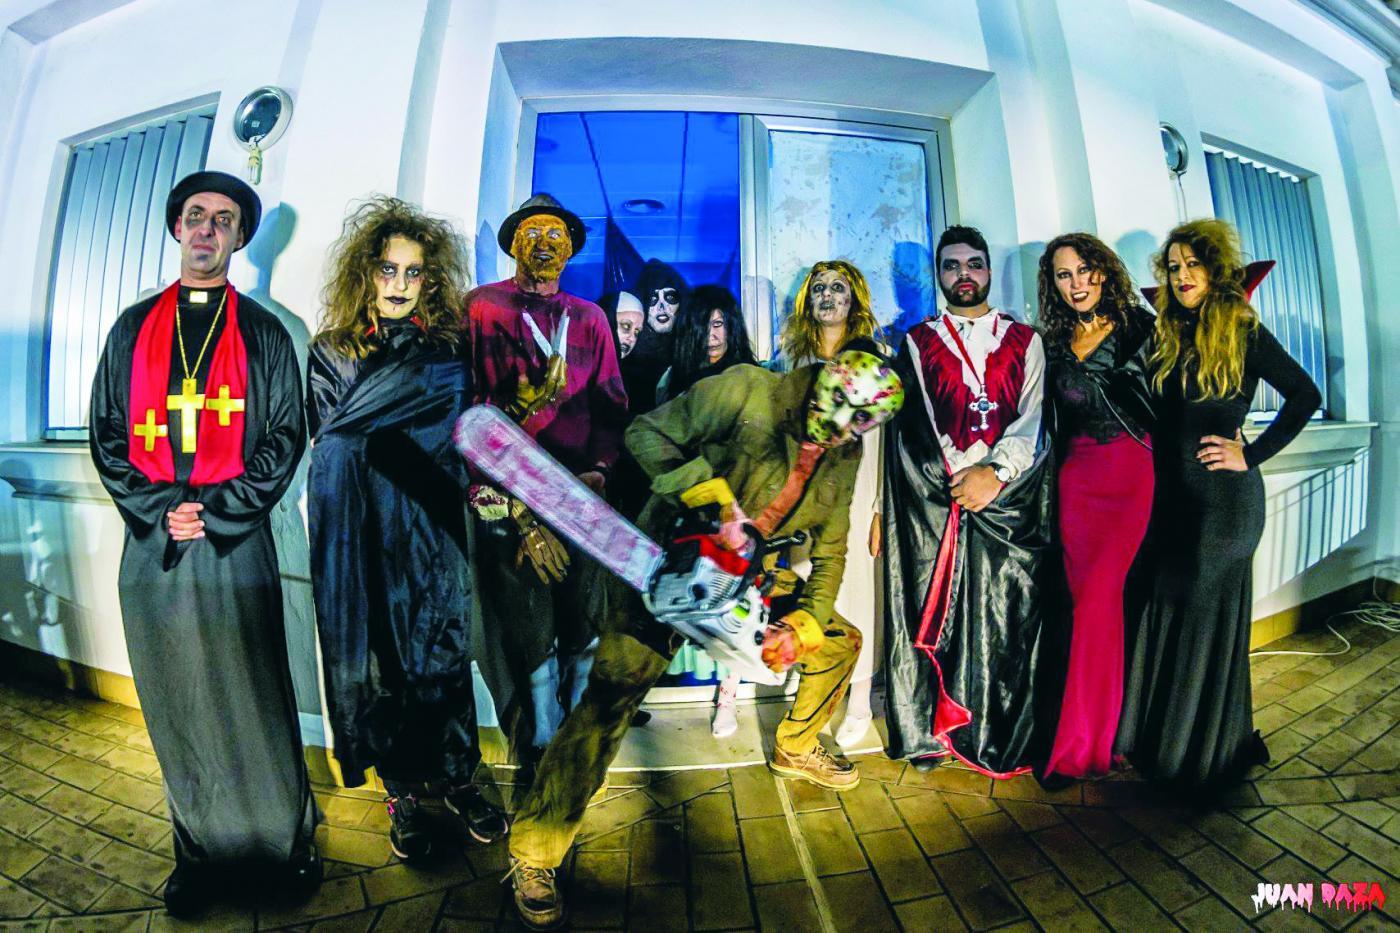 Fiestas prepara actividades para Halloween y anima a comerciantes a decorar sus locales